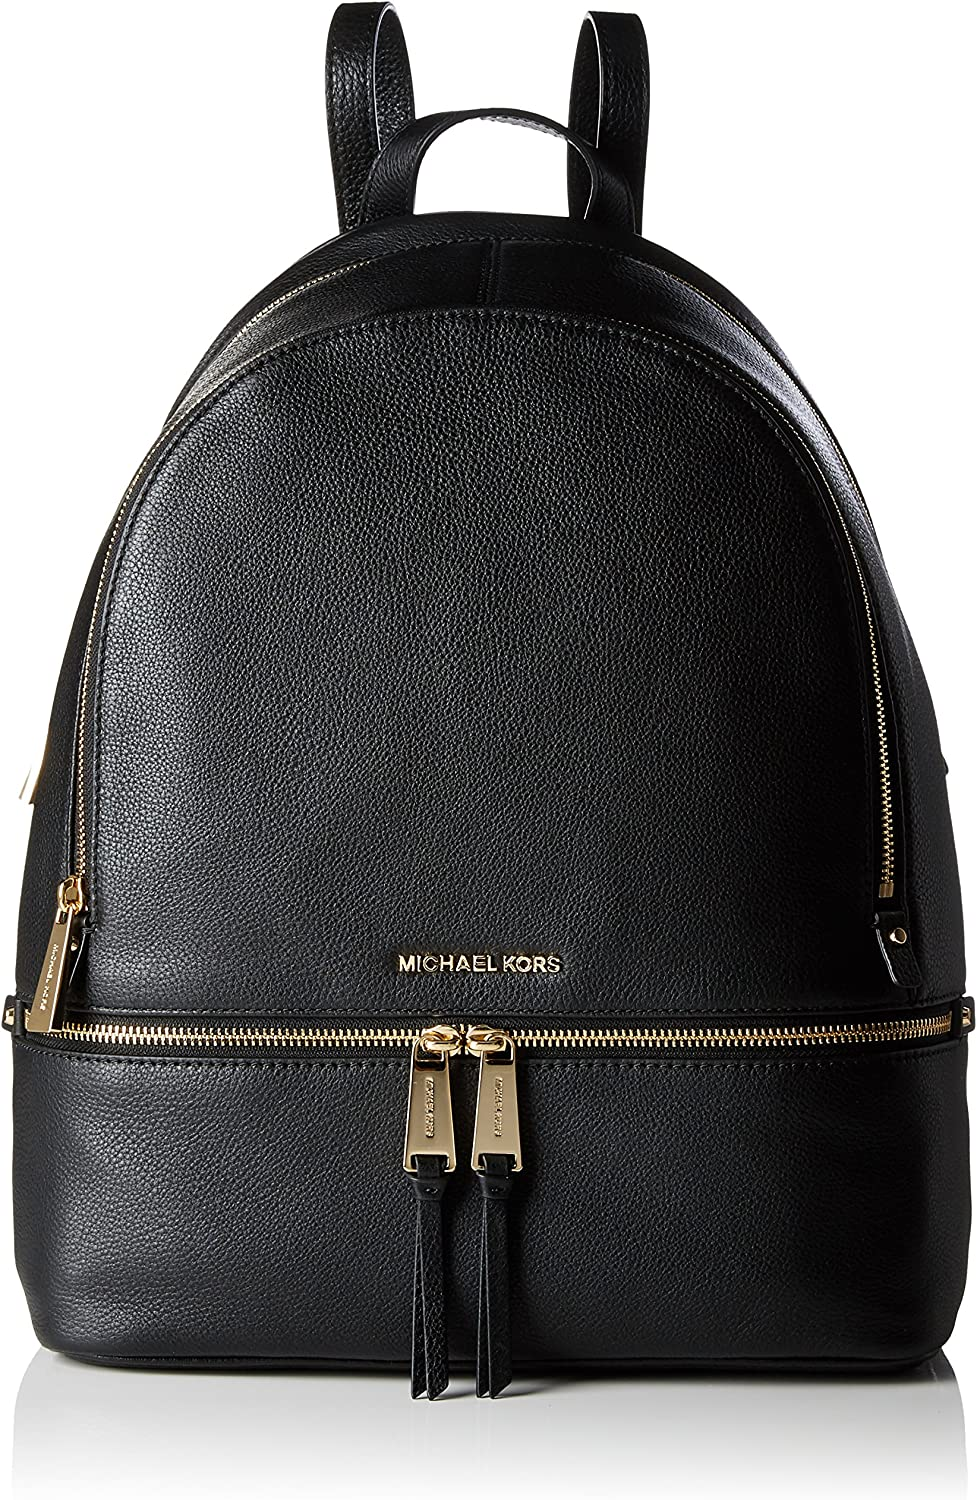 Michael Kors Damen Rhea Zip Lg Backpack Rucksackhandtasche